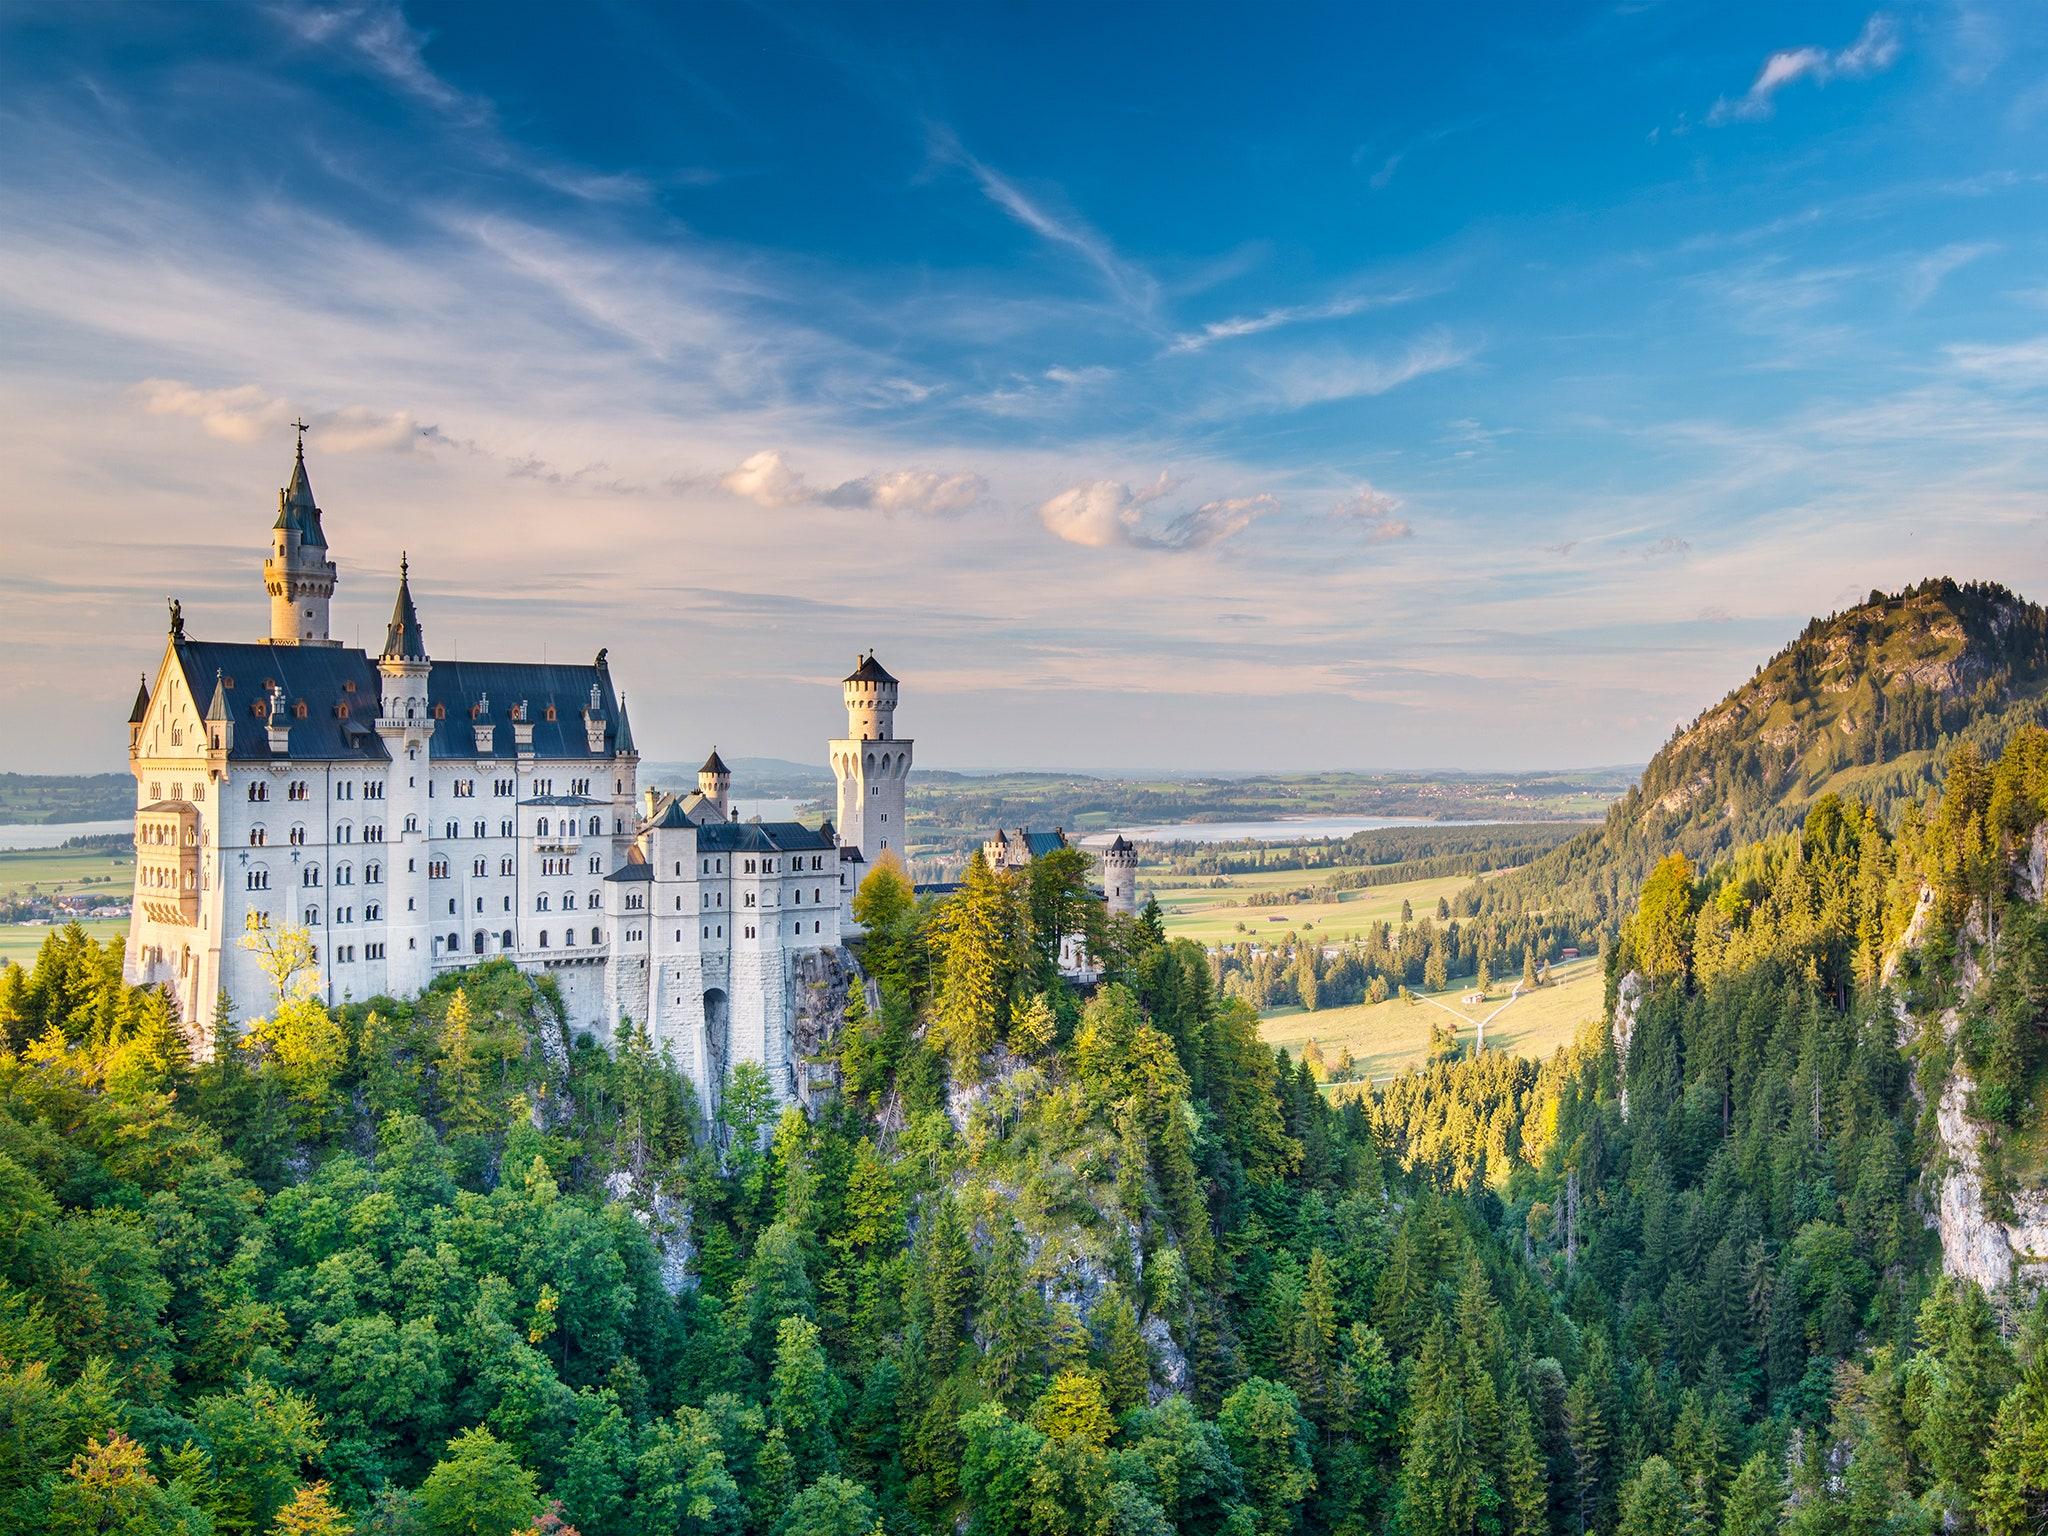 Neuschwanstein được xem là là tuyệt tác về nghệ thuật và kiến trúc.